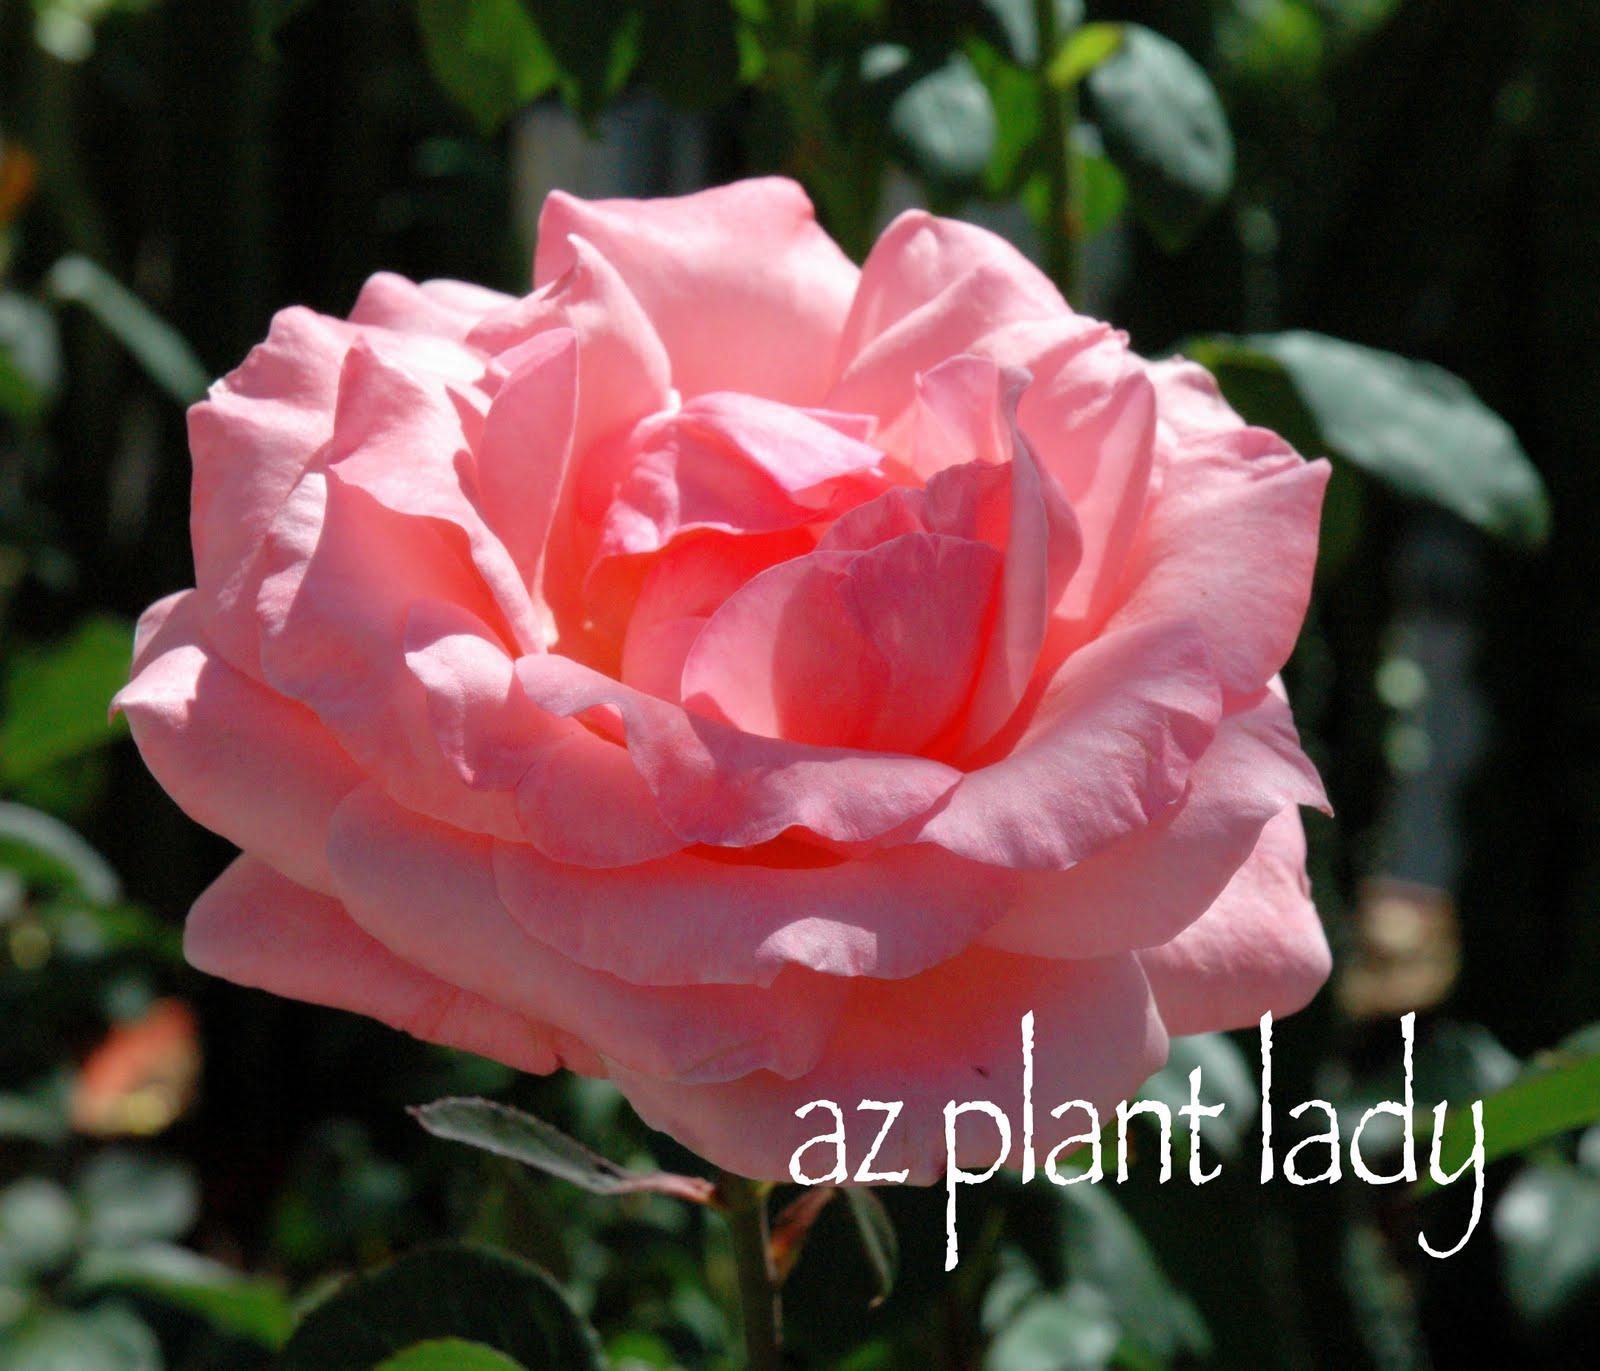 http://1.bp.blogspot.com/_Jidy_QuNt3M/Swn4e4F-DaI/AAAAAAAABL4/lPjlFQdm0rU/s1600/Lt%2BCoral%2BRose.jpg